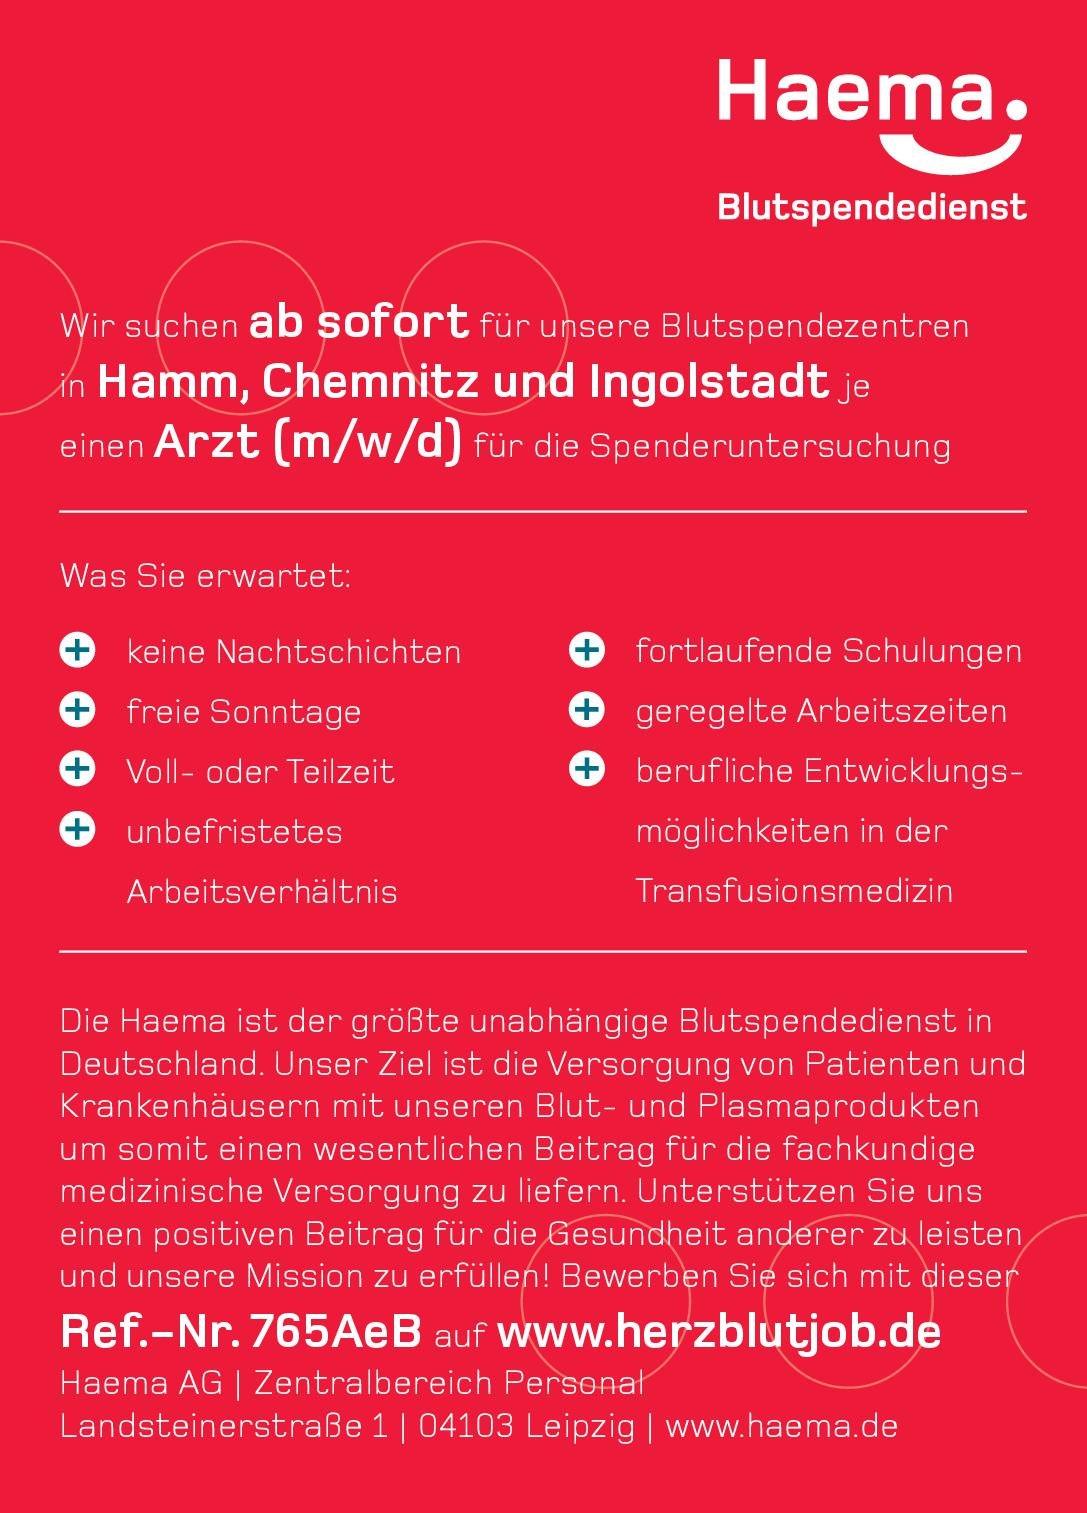 Haema AG Arzt (m/w/d) für Blutspendezentren * ohne Gebiete Arzt / Facharzt